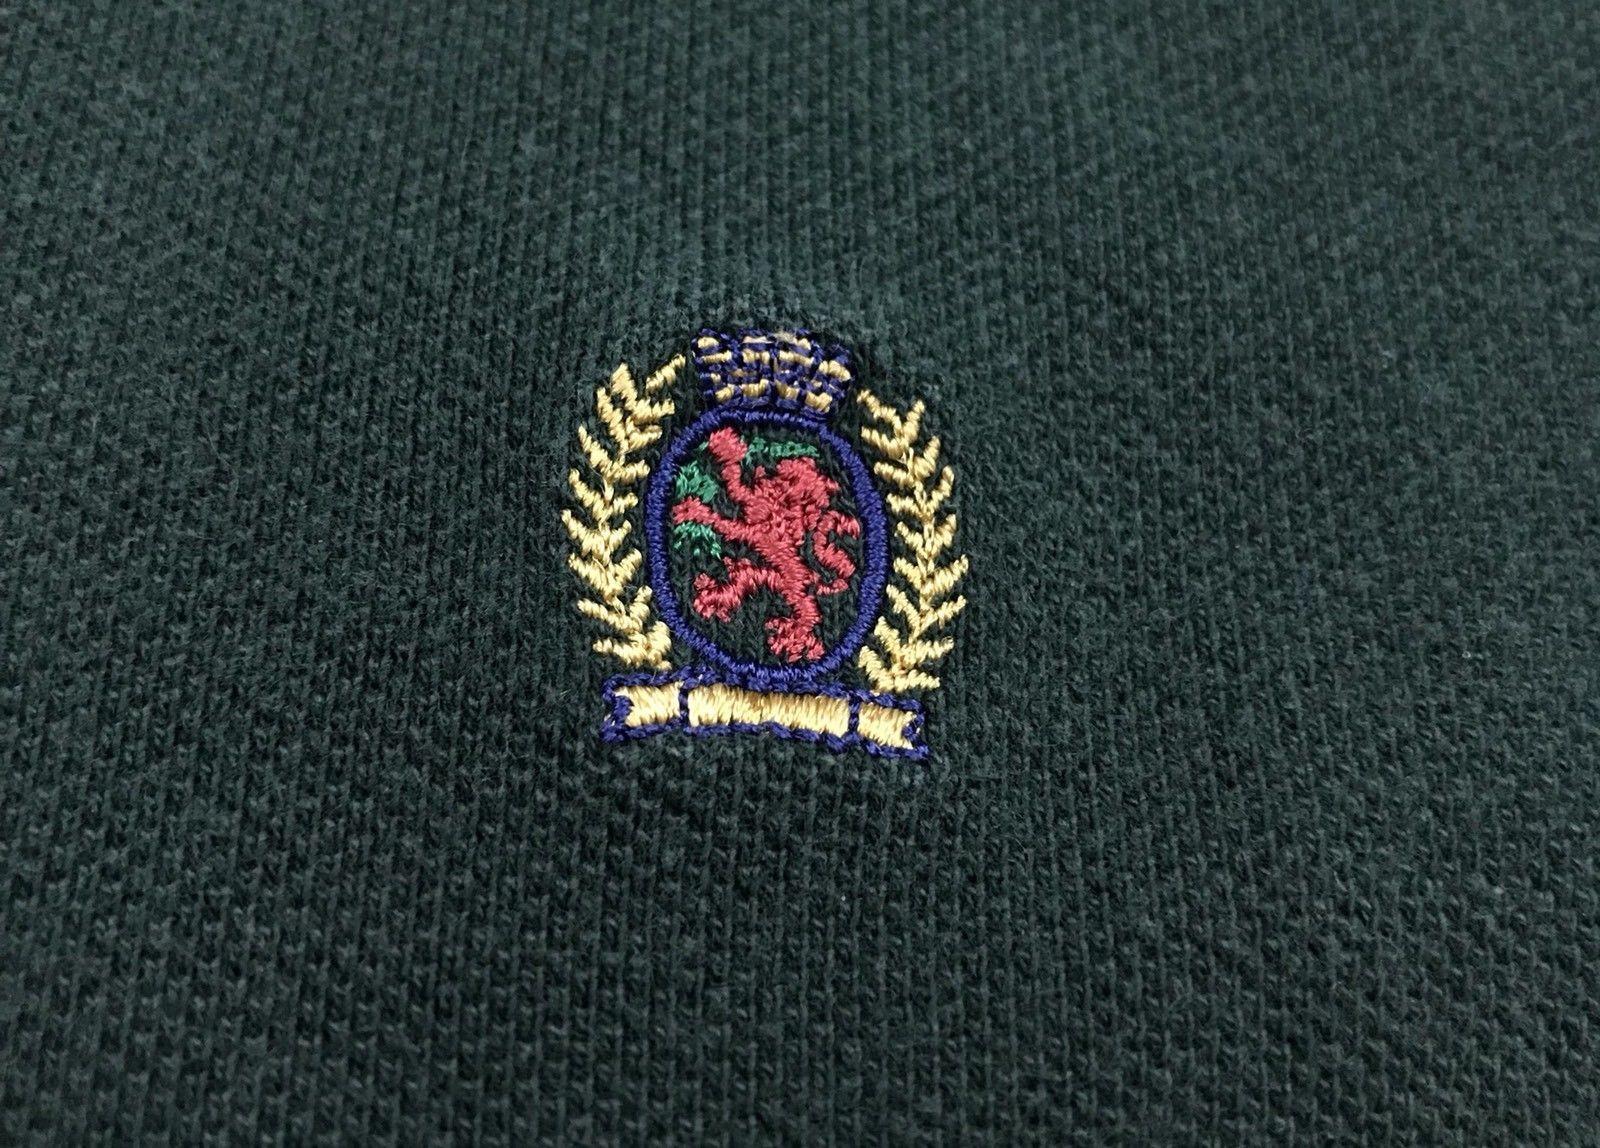 VTG 90s Tommy Hilfiger Striped Colorblock Lions Crest Rugby